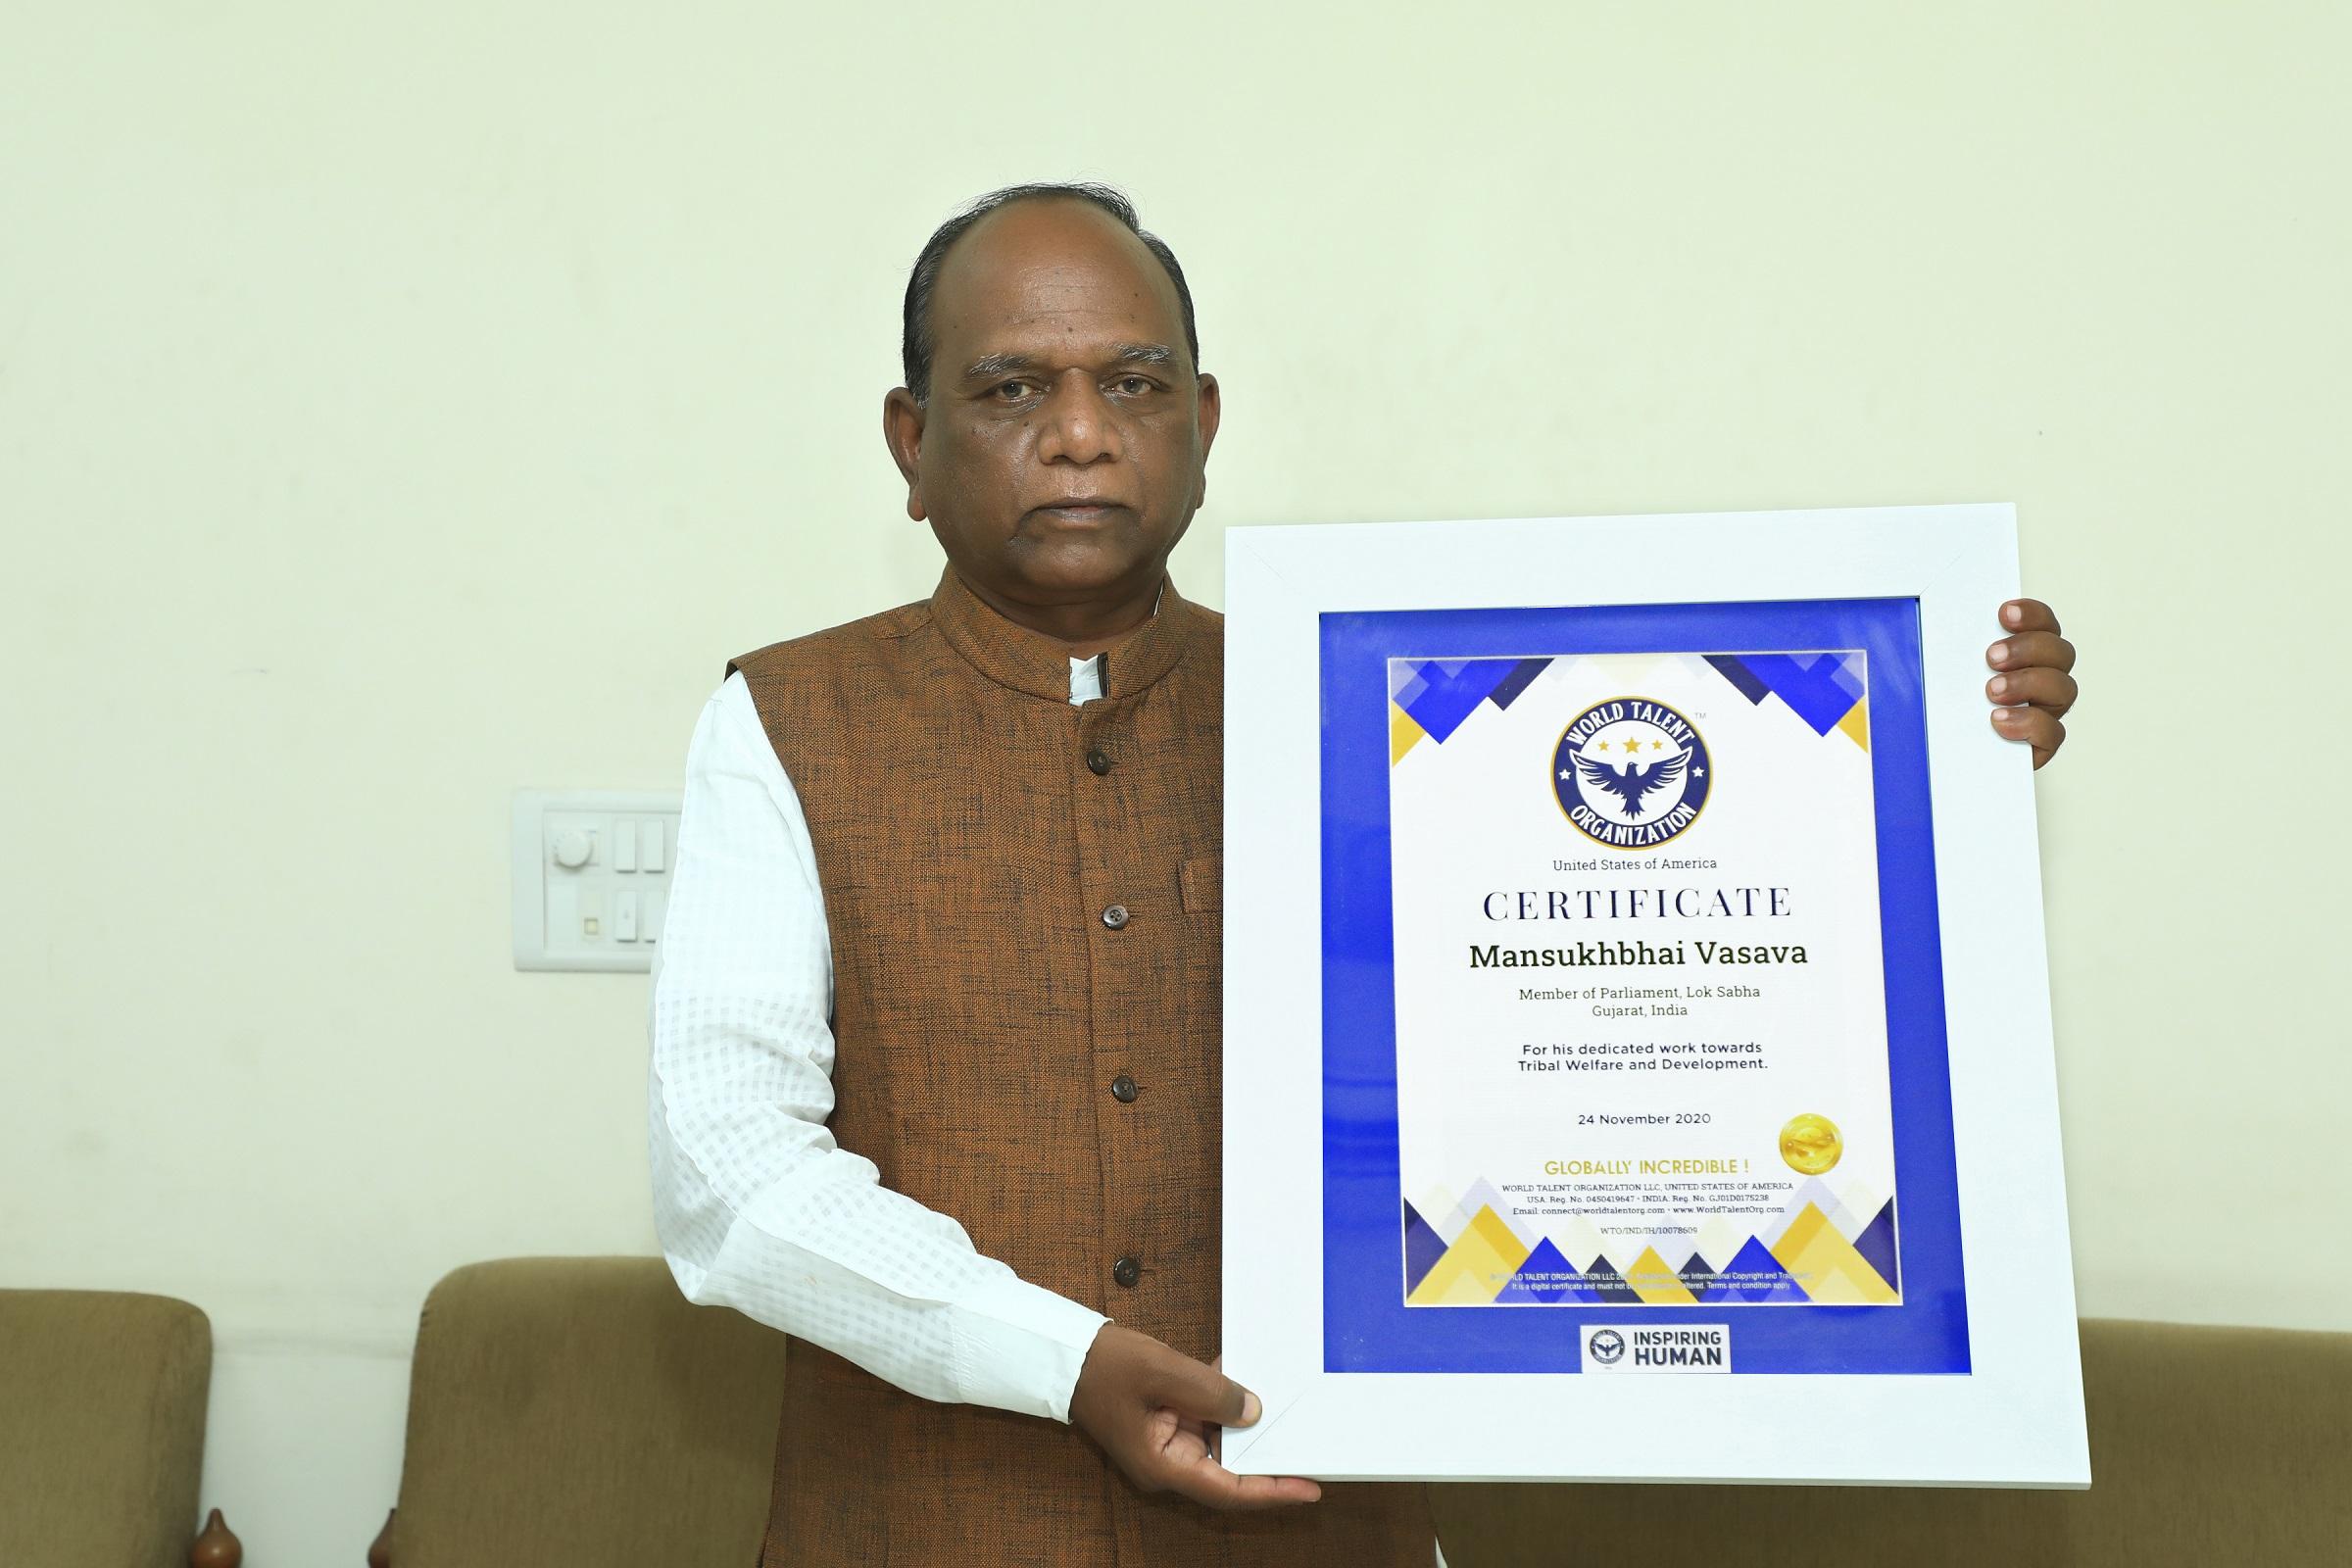 Shri Mansukhbhai Dhanjibhai Vasava